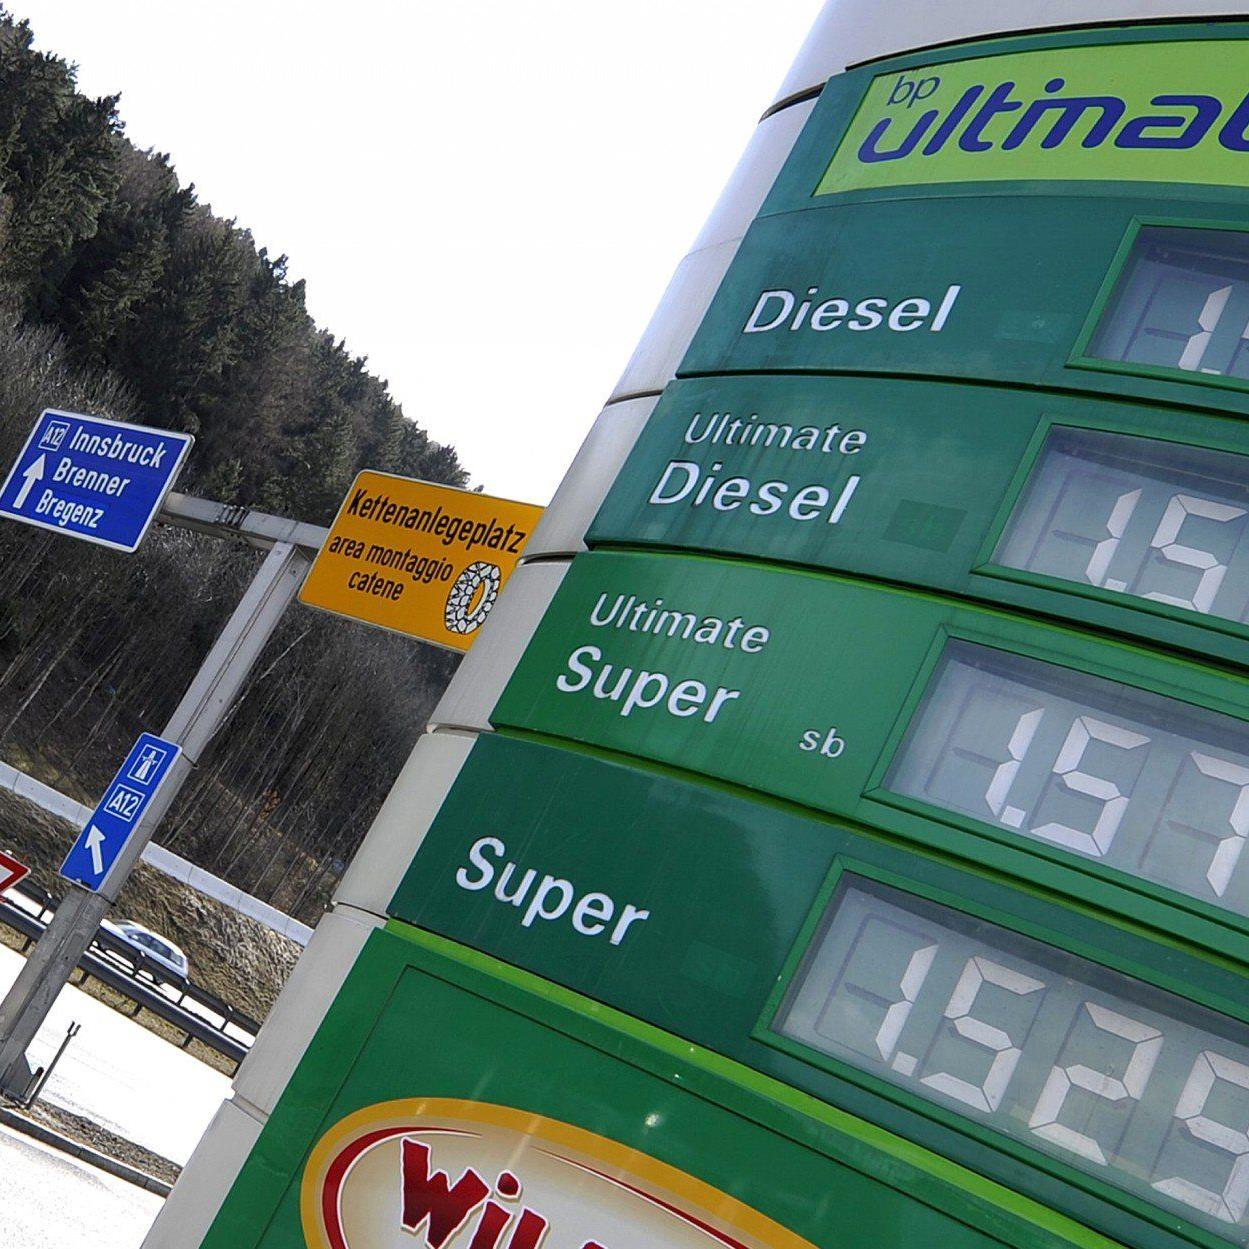 Die AK untersuchte die Spritpreise von Autobahntankstellen über die Osterfeiertage.